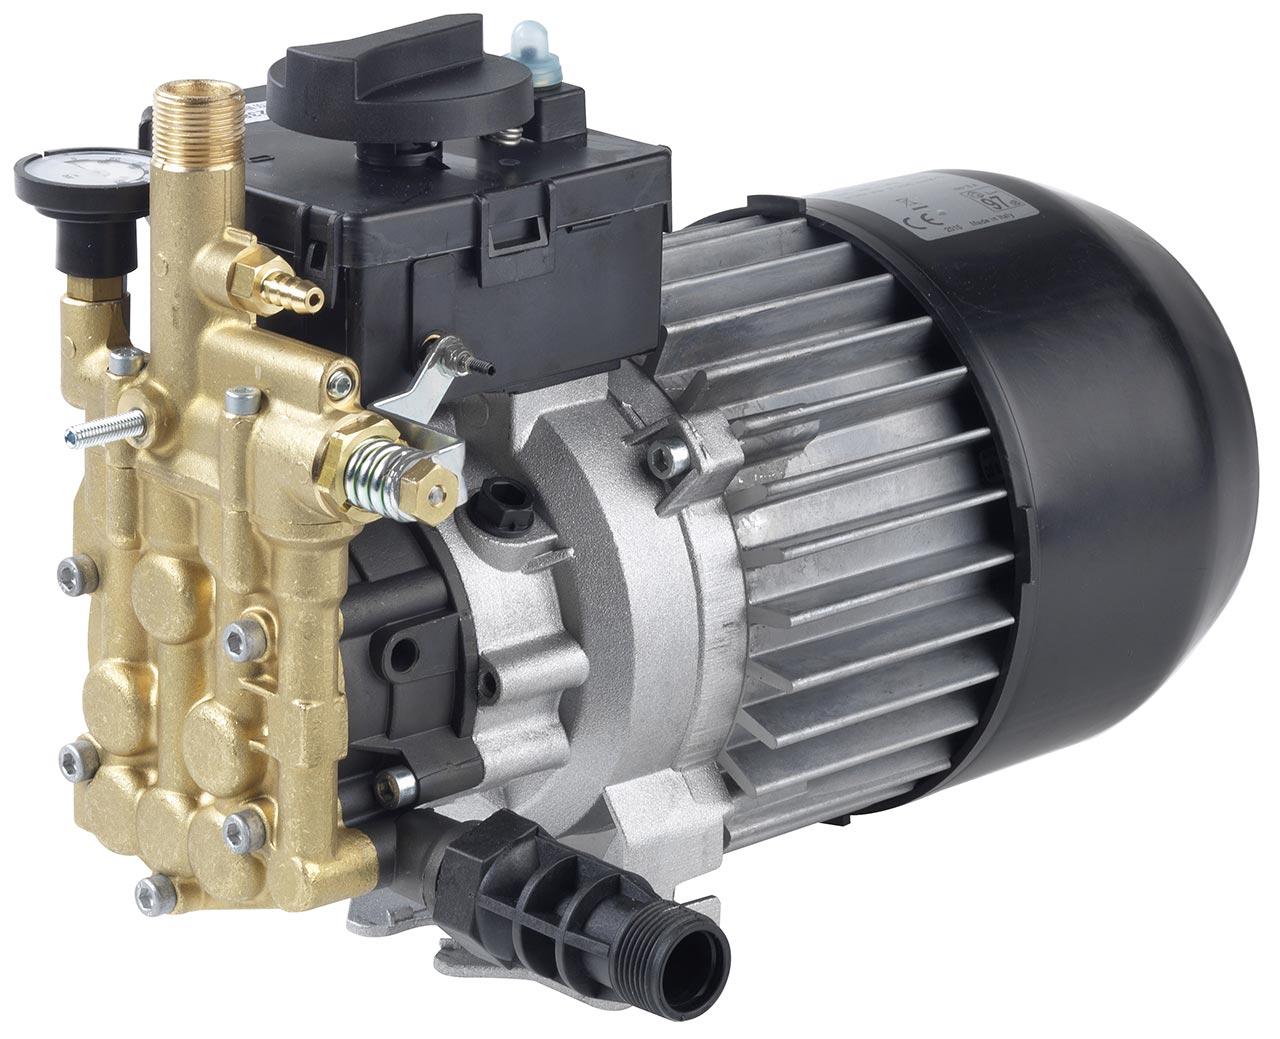 KS-MTP-KSR engine water cleaners Comet